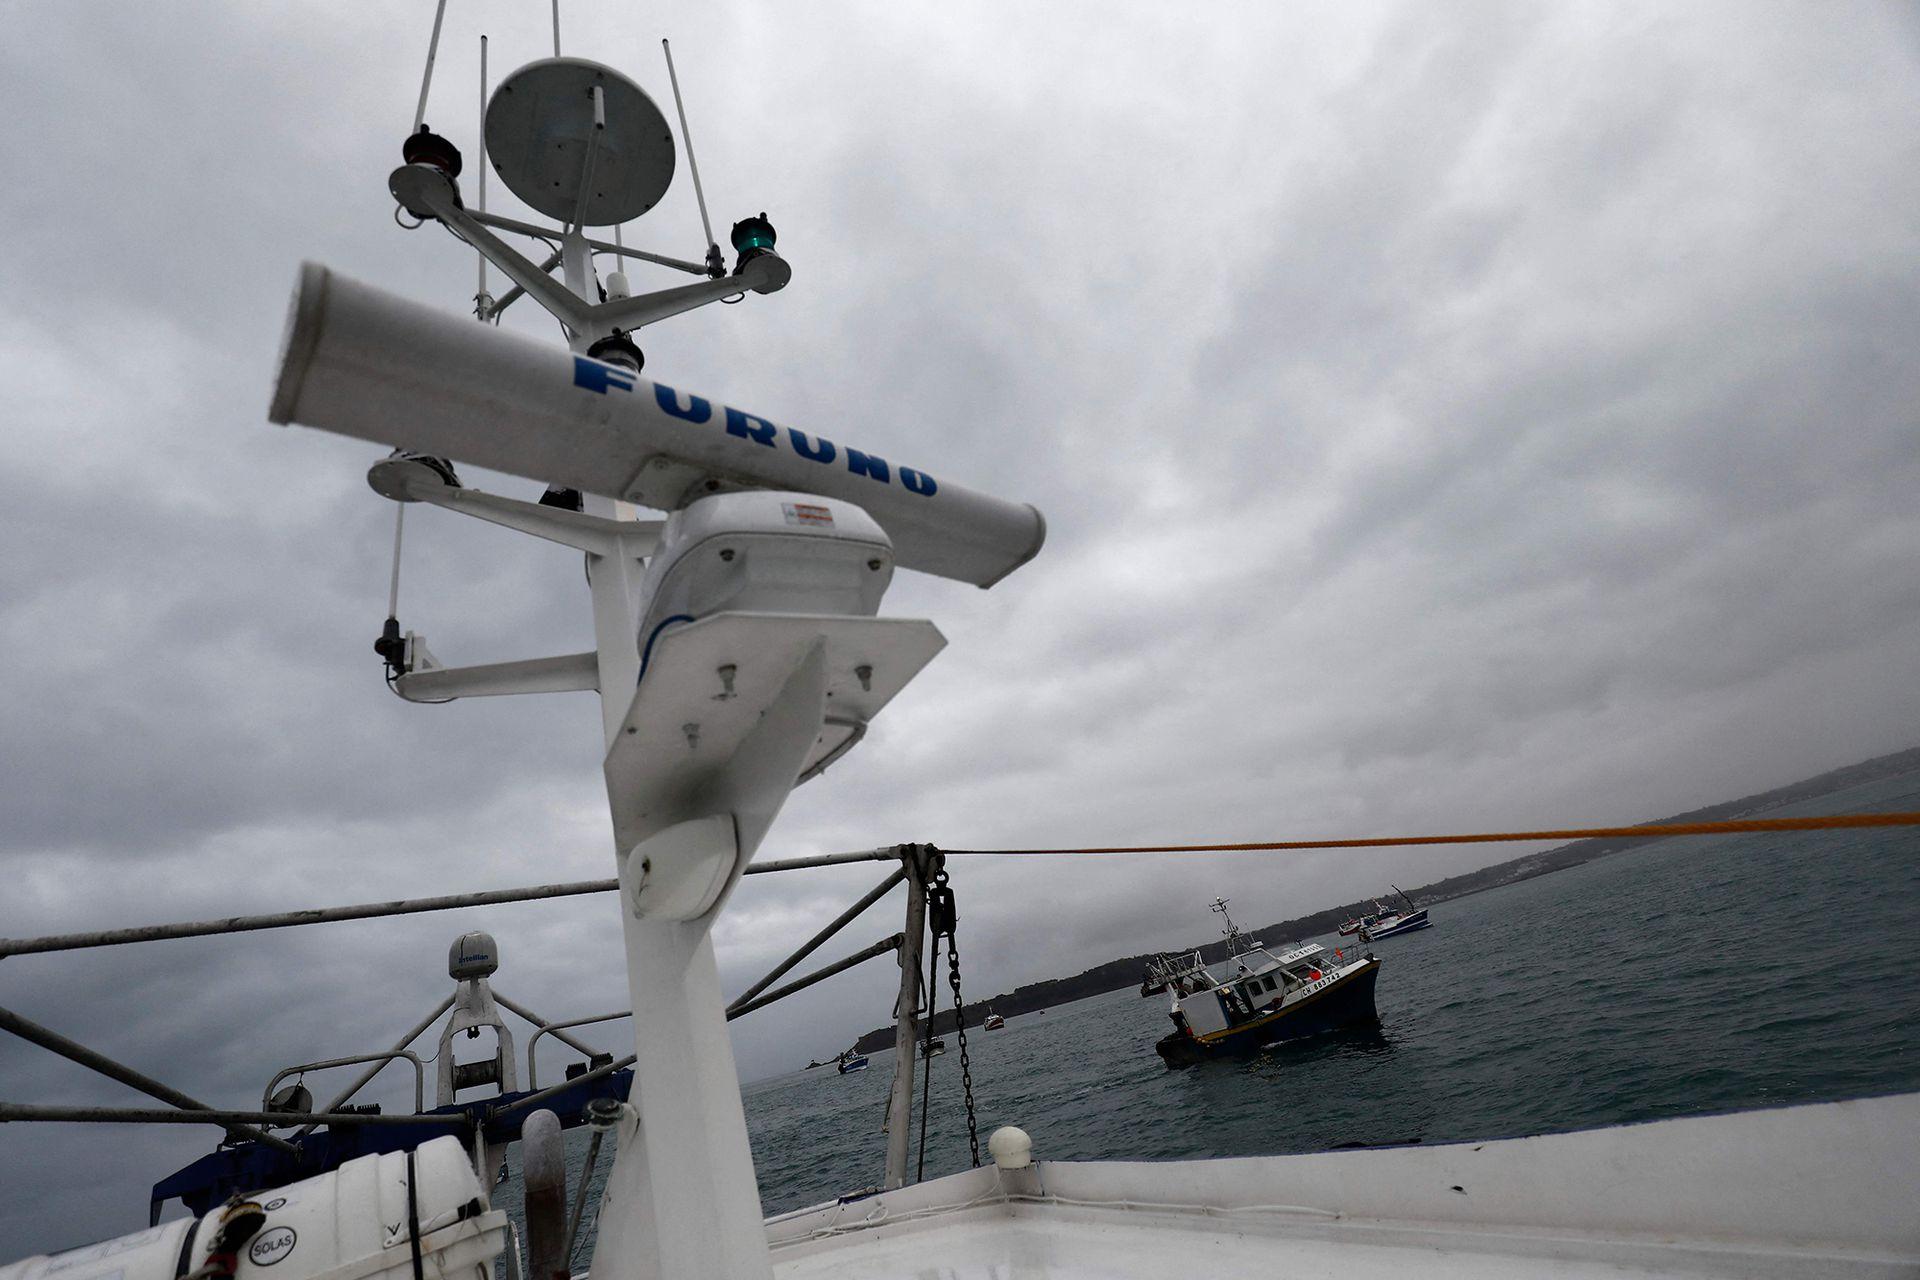 El Reino Unido y Francia llevan varias semanas enfrentados sobre el tema de la pesca, luego de que los pescadores franceses denunciaran que se les impide faenar en aguas británicas